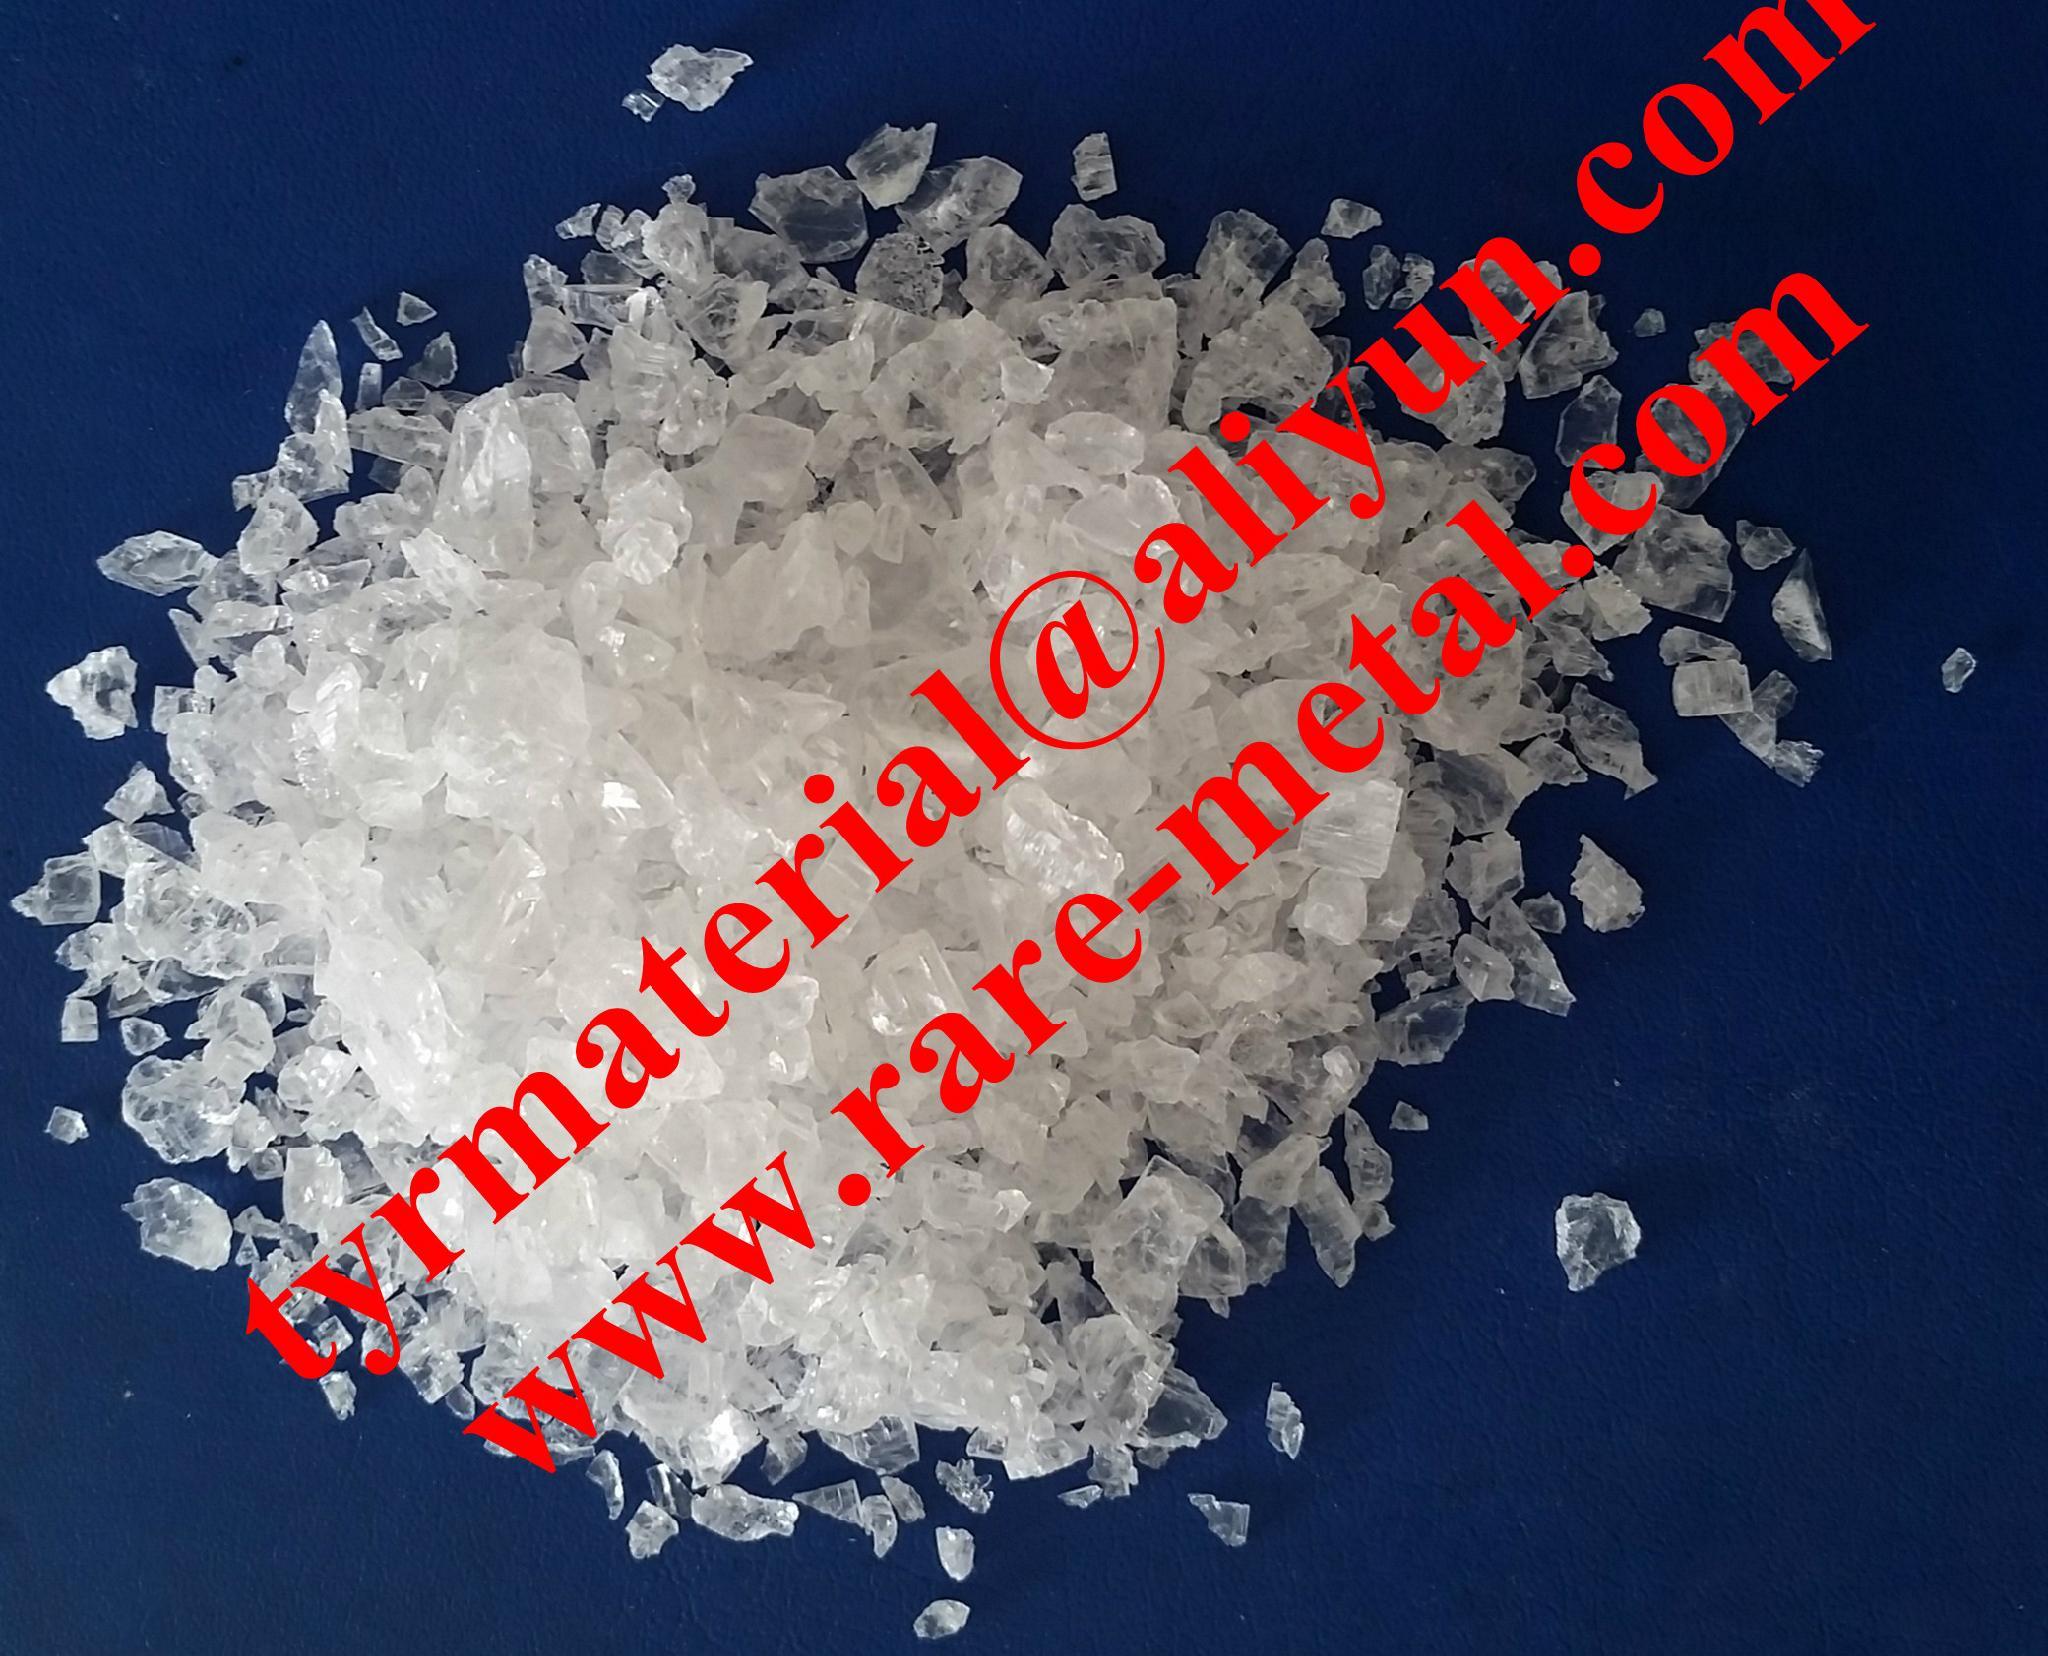 氟化锂LiF晶体光学材料 1